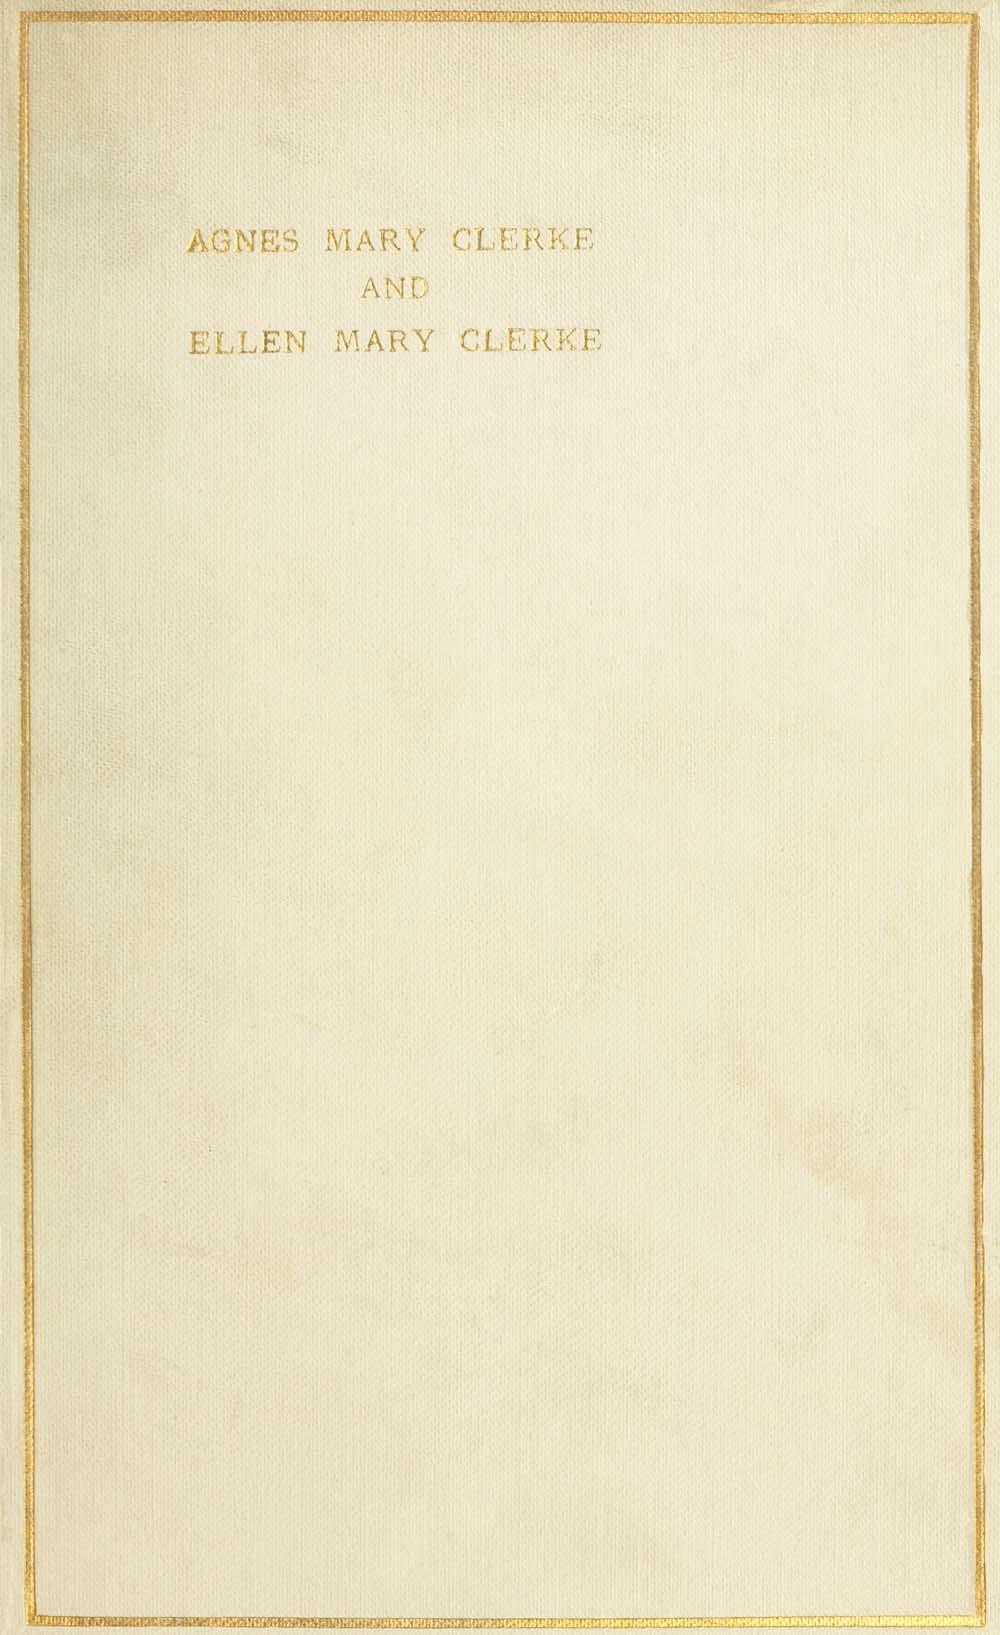 Маргарет Ліндсей Хаггінс Agnes Mary Clerke and Ellen Mary Clerke: An Appreciation